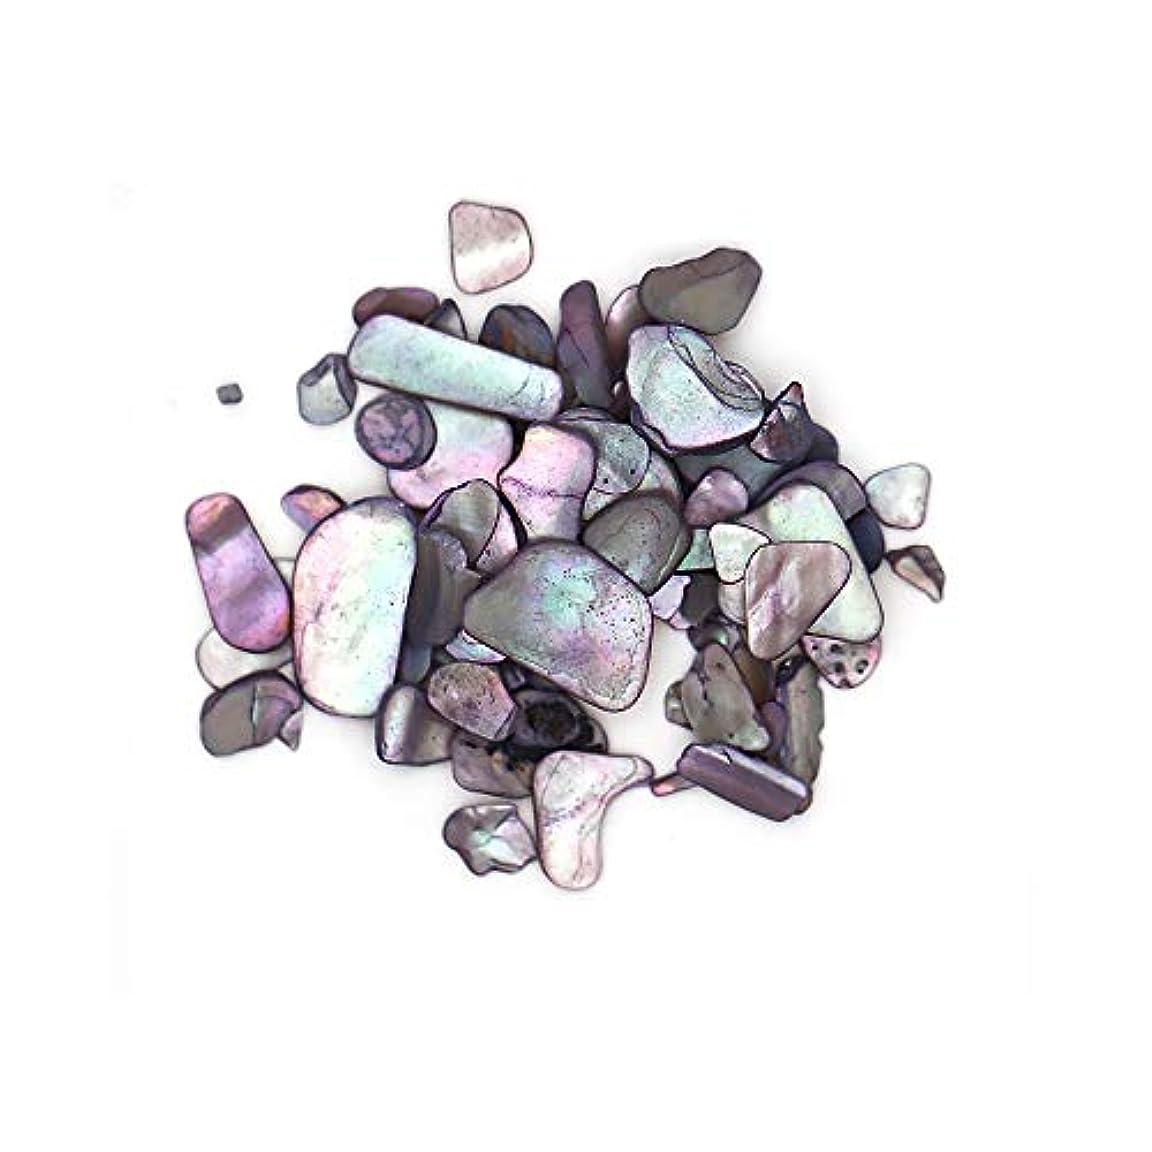 小石浸透するサーマルランダムシェルストーン【グレー】約3g シェルストーン クラッシュシェル ブロックシェル 天然